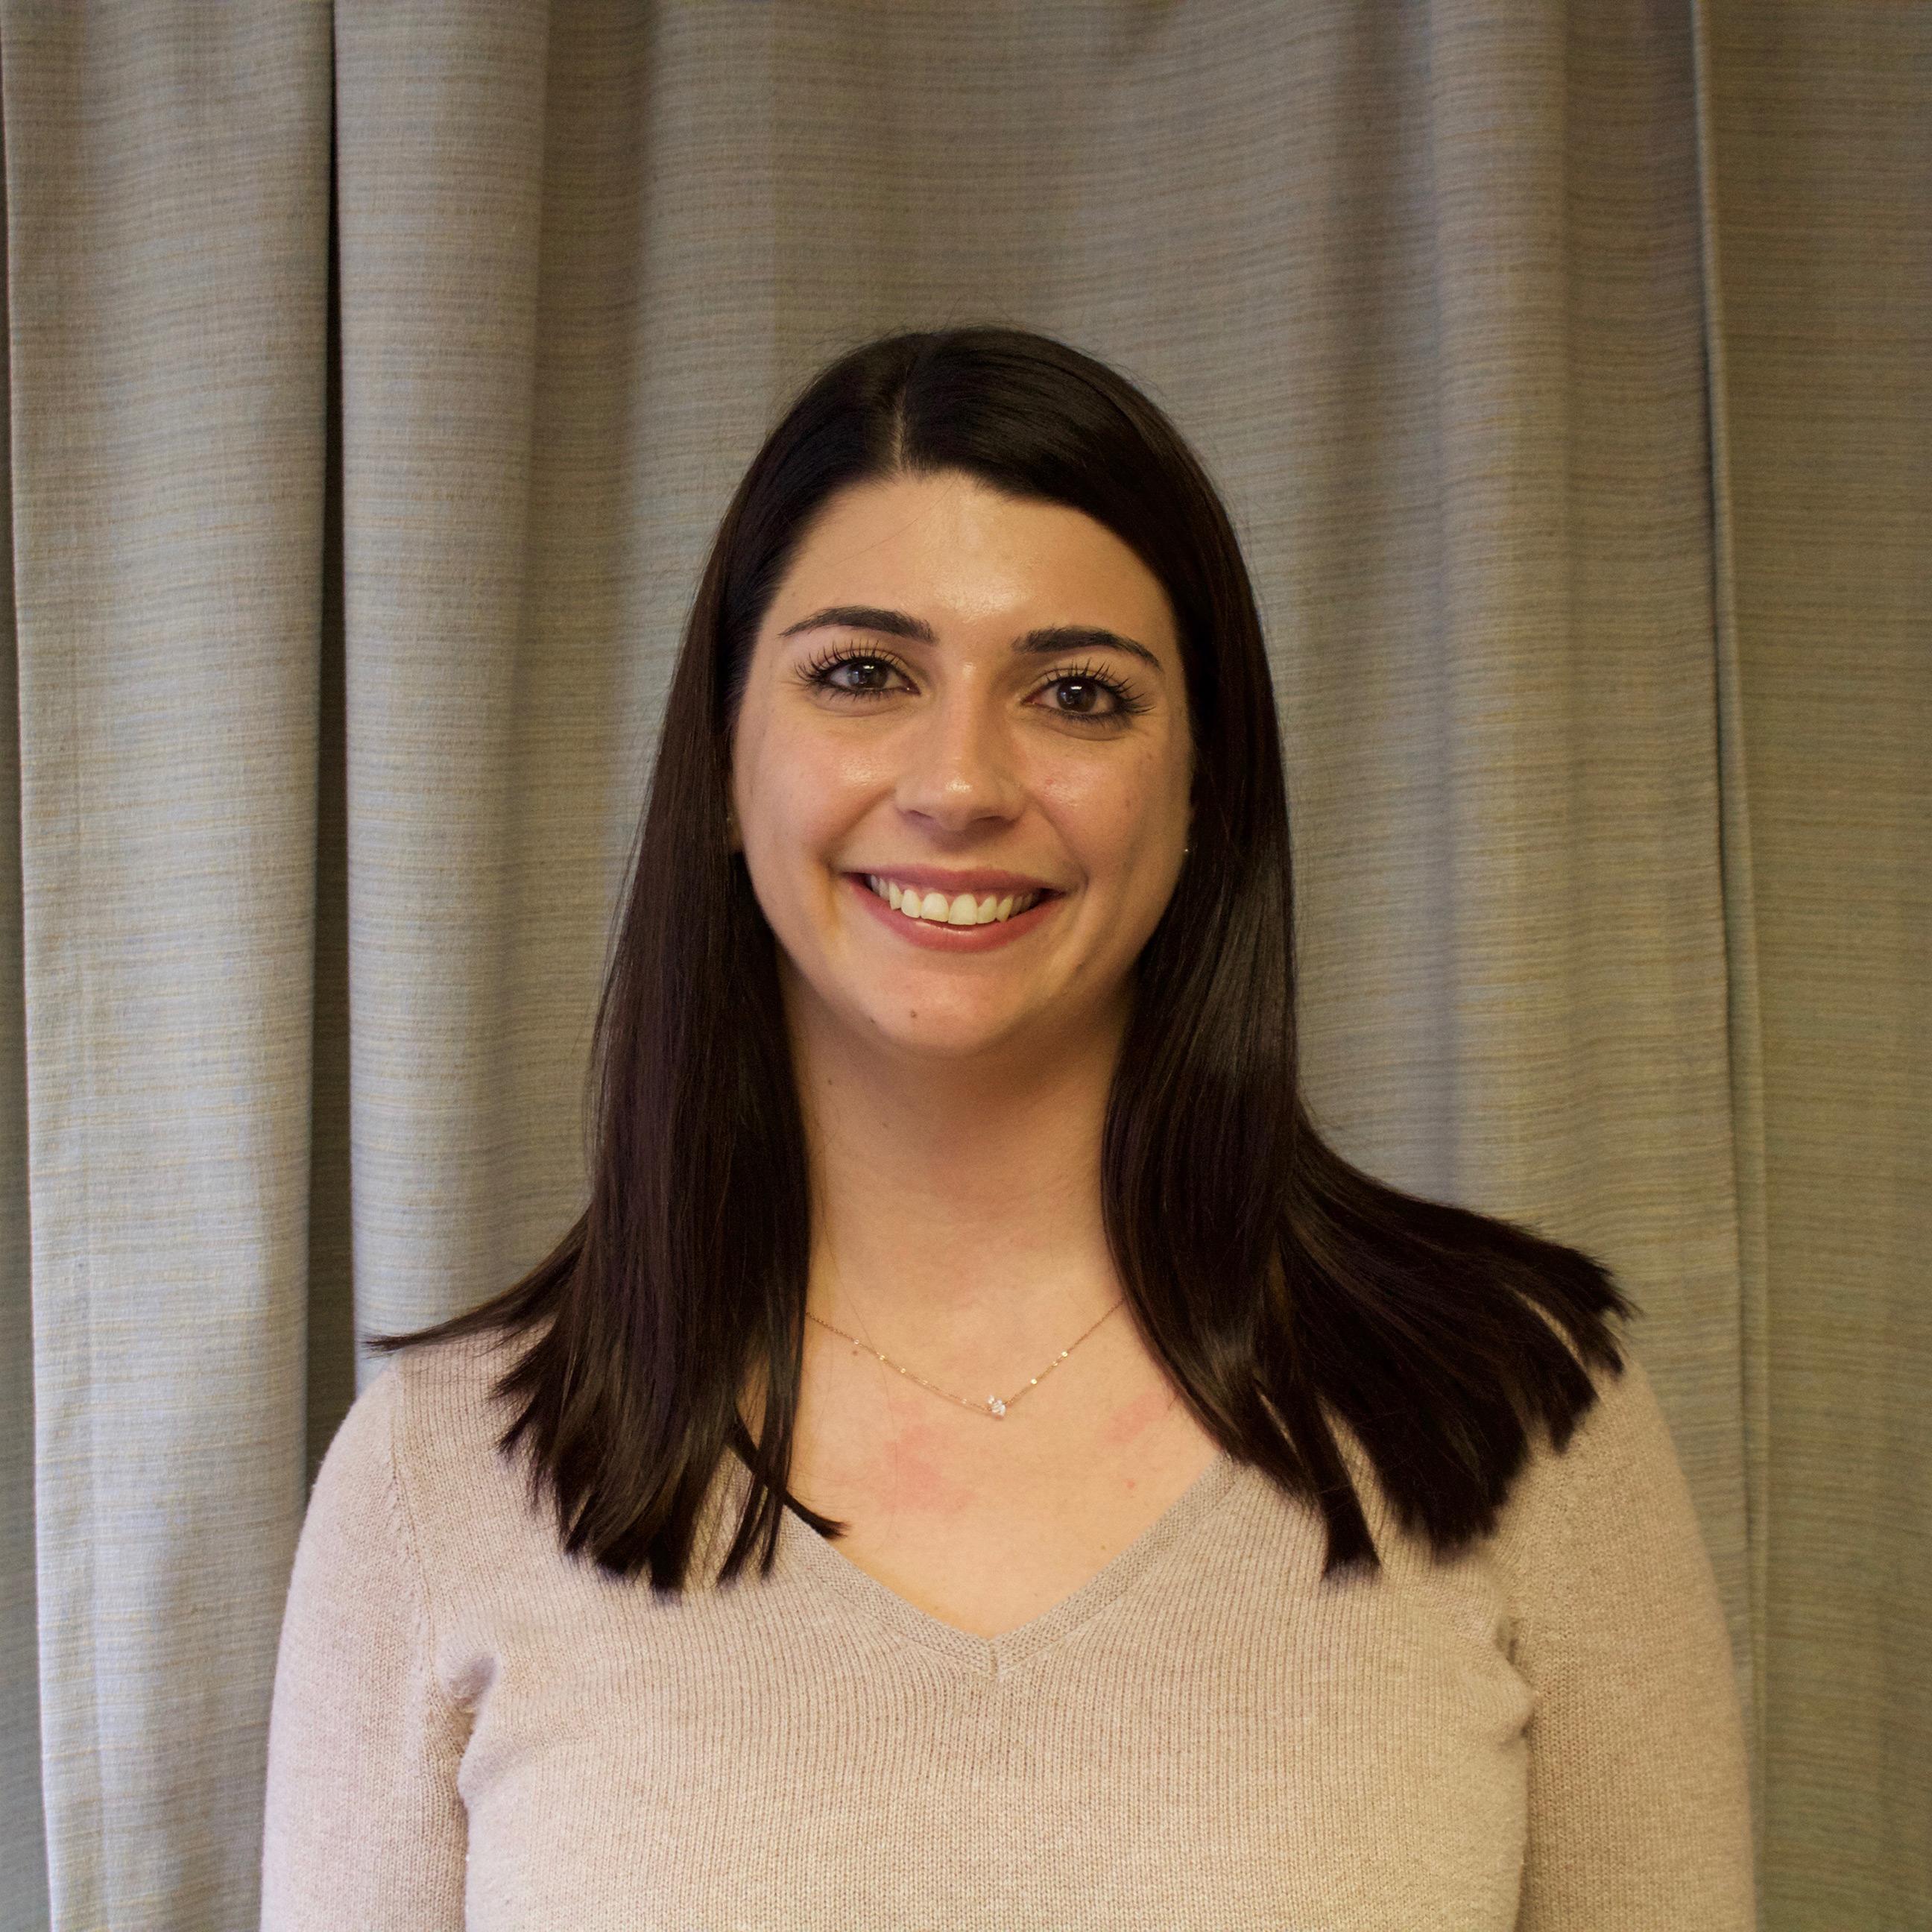 Ashley Sabatino Headshot 2017